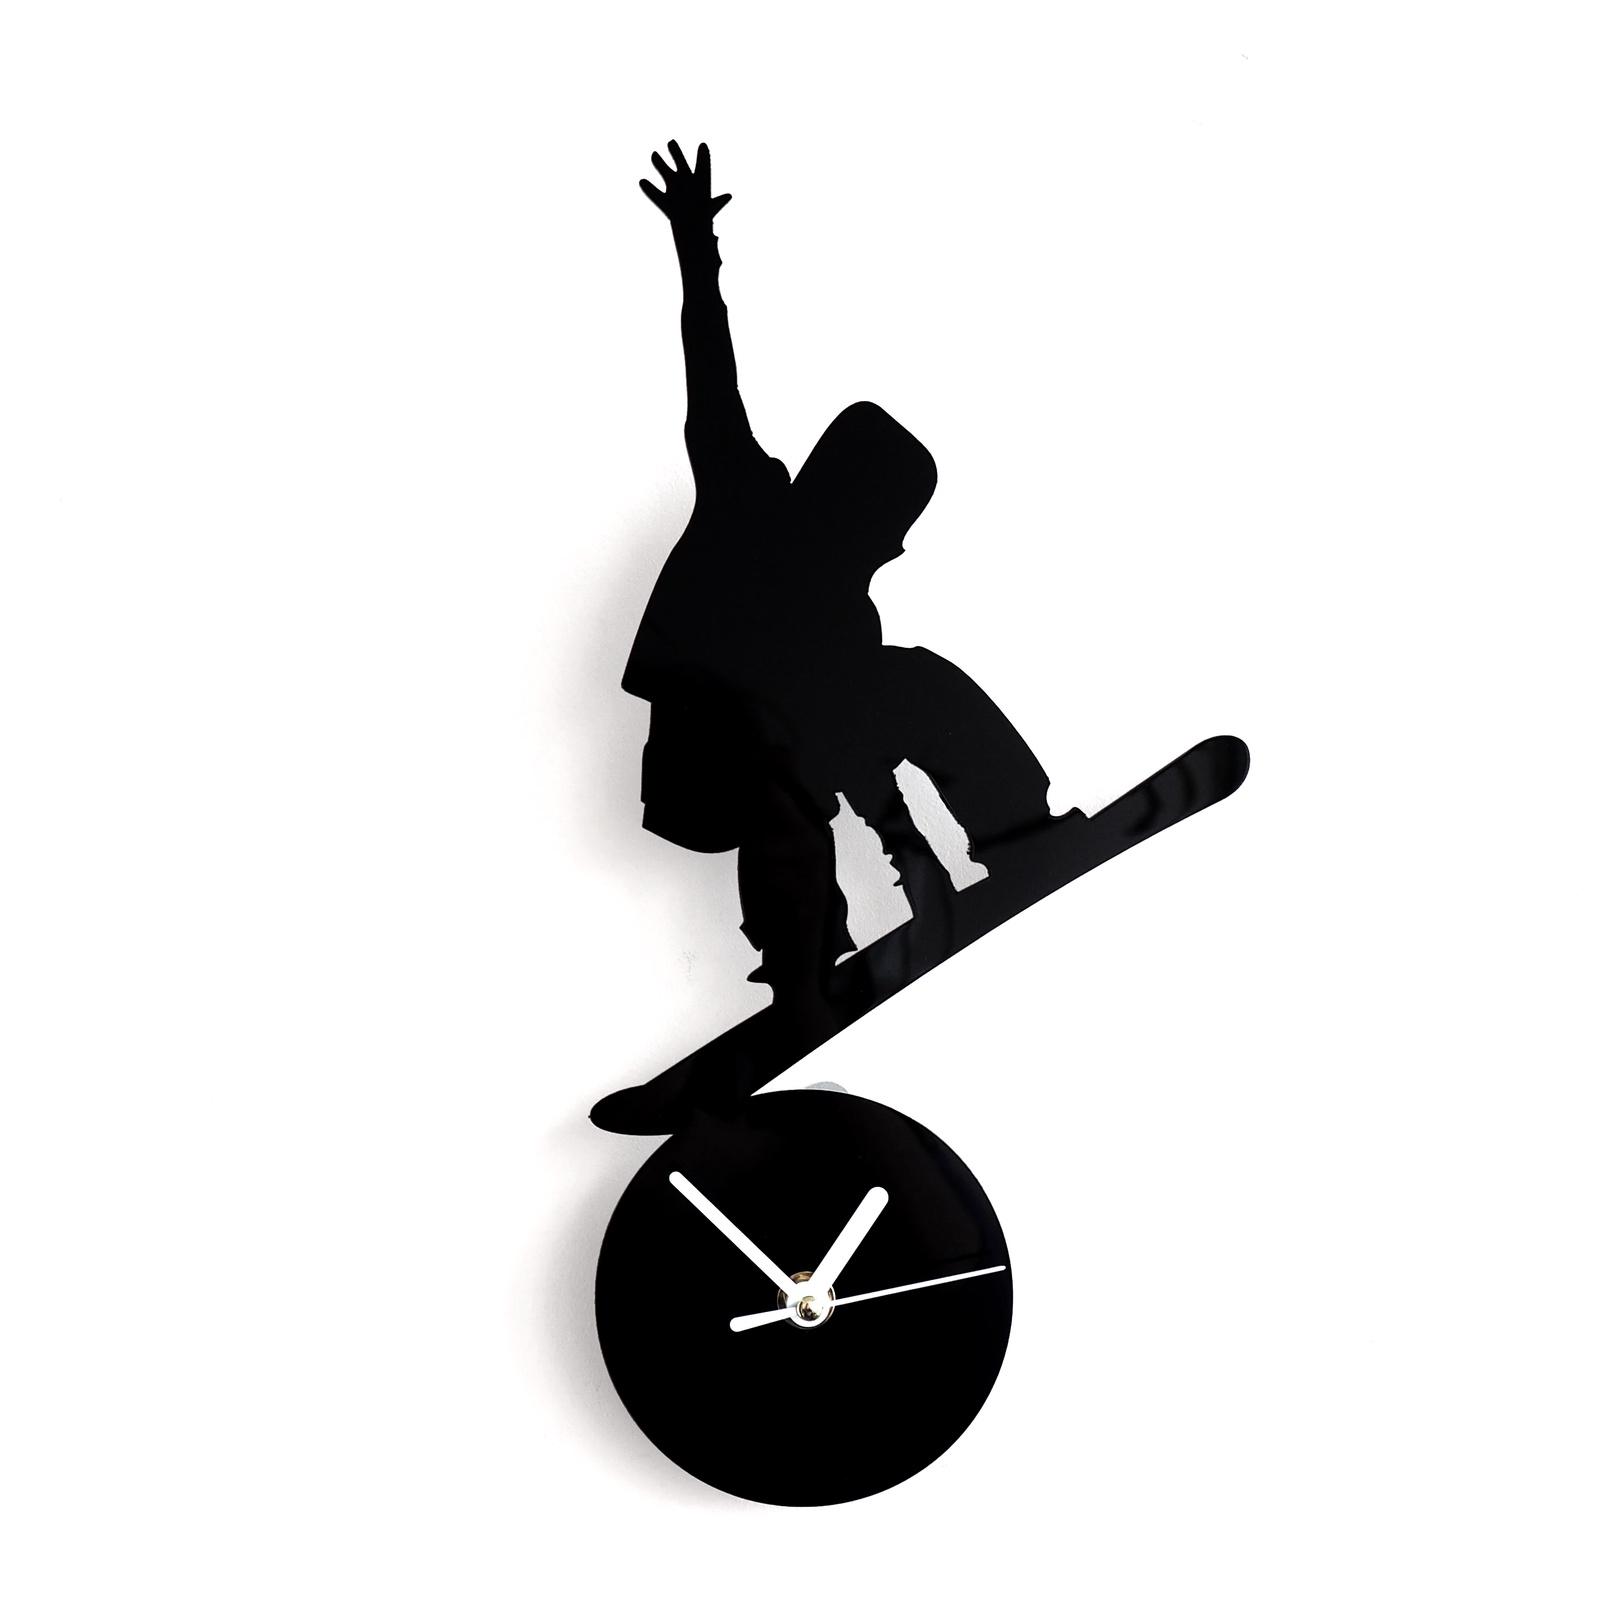 Настенные часы Roomton Сноуборд, черные, бесшумный механизм